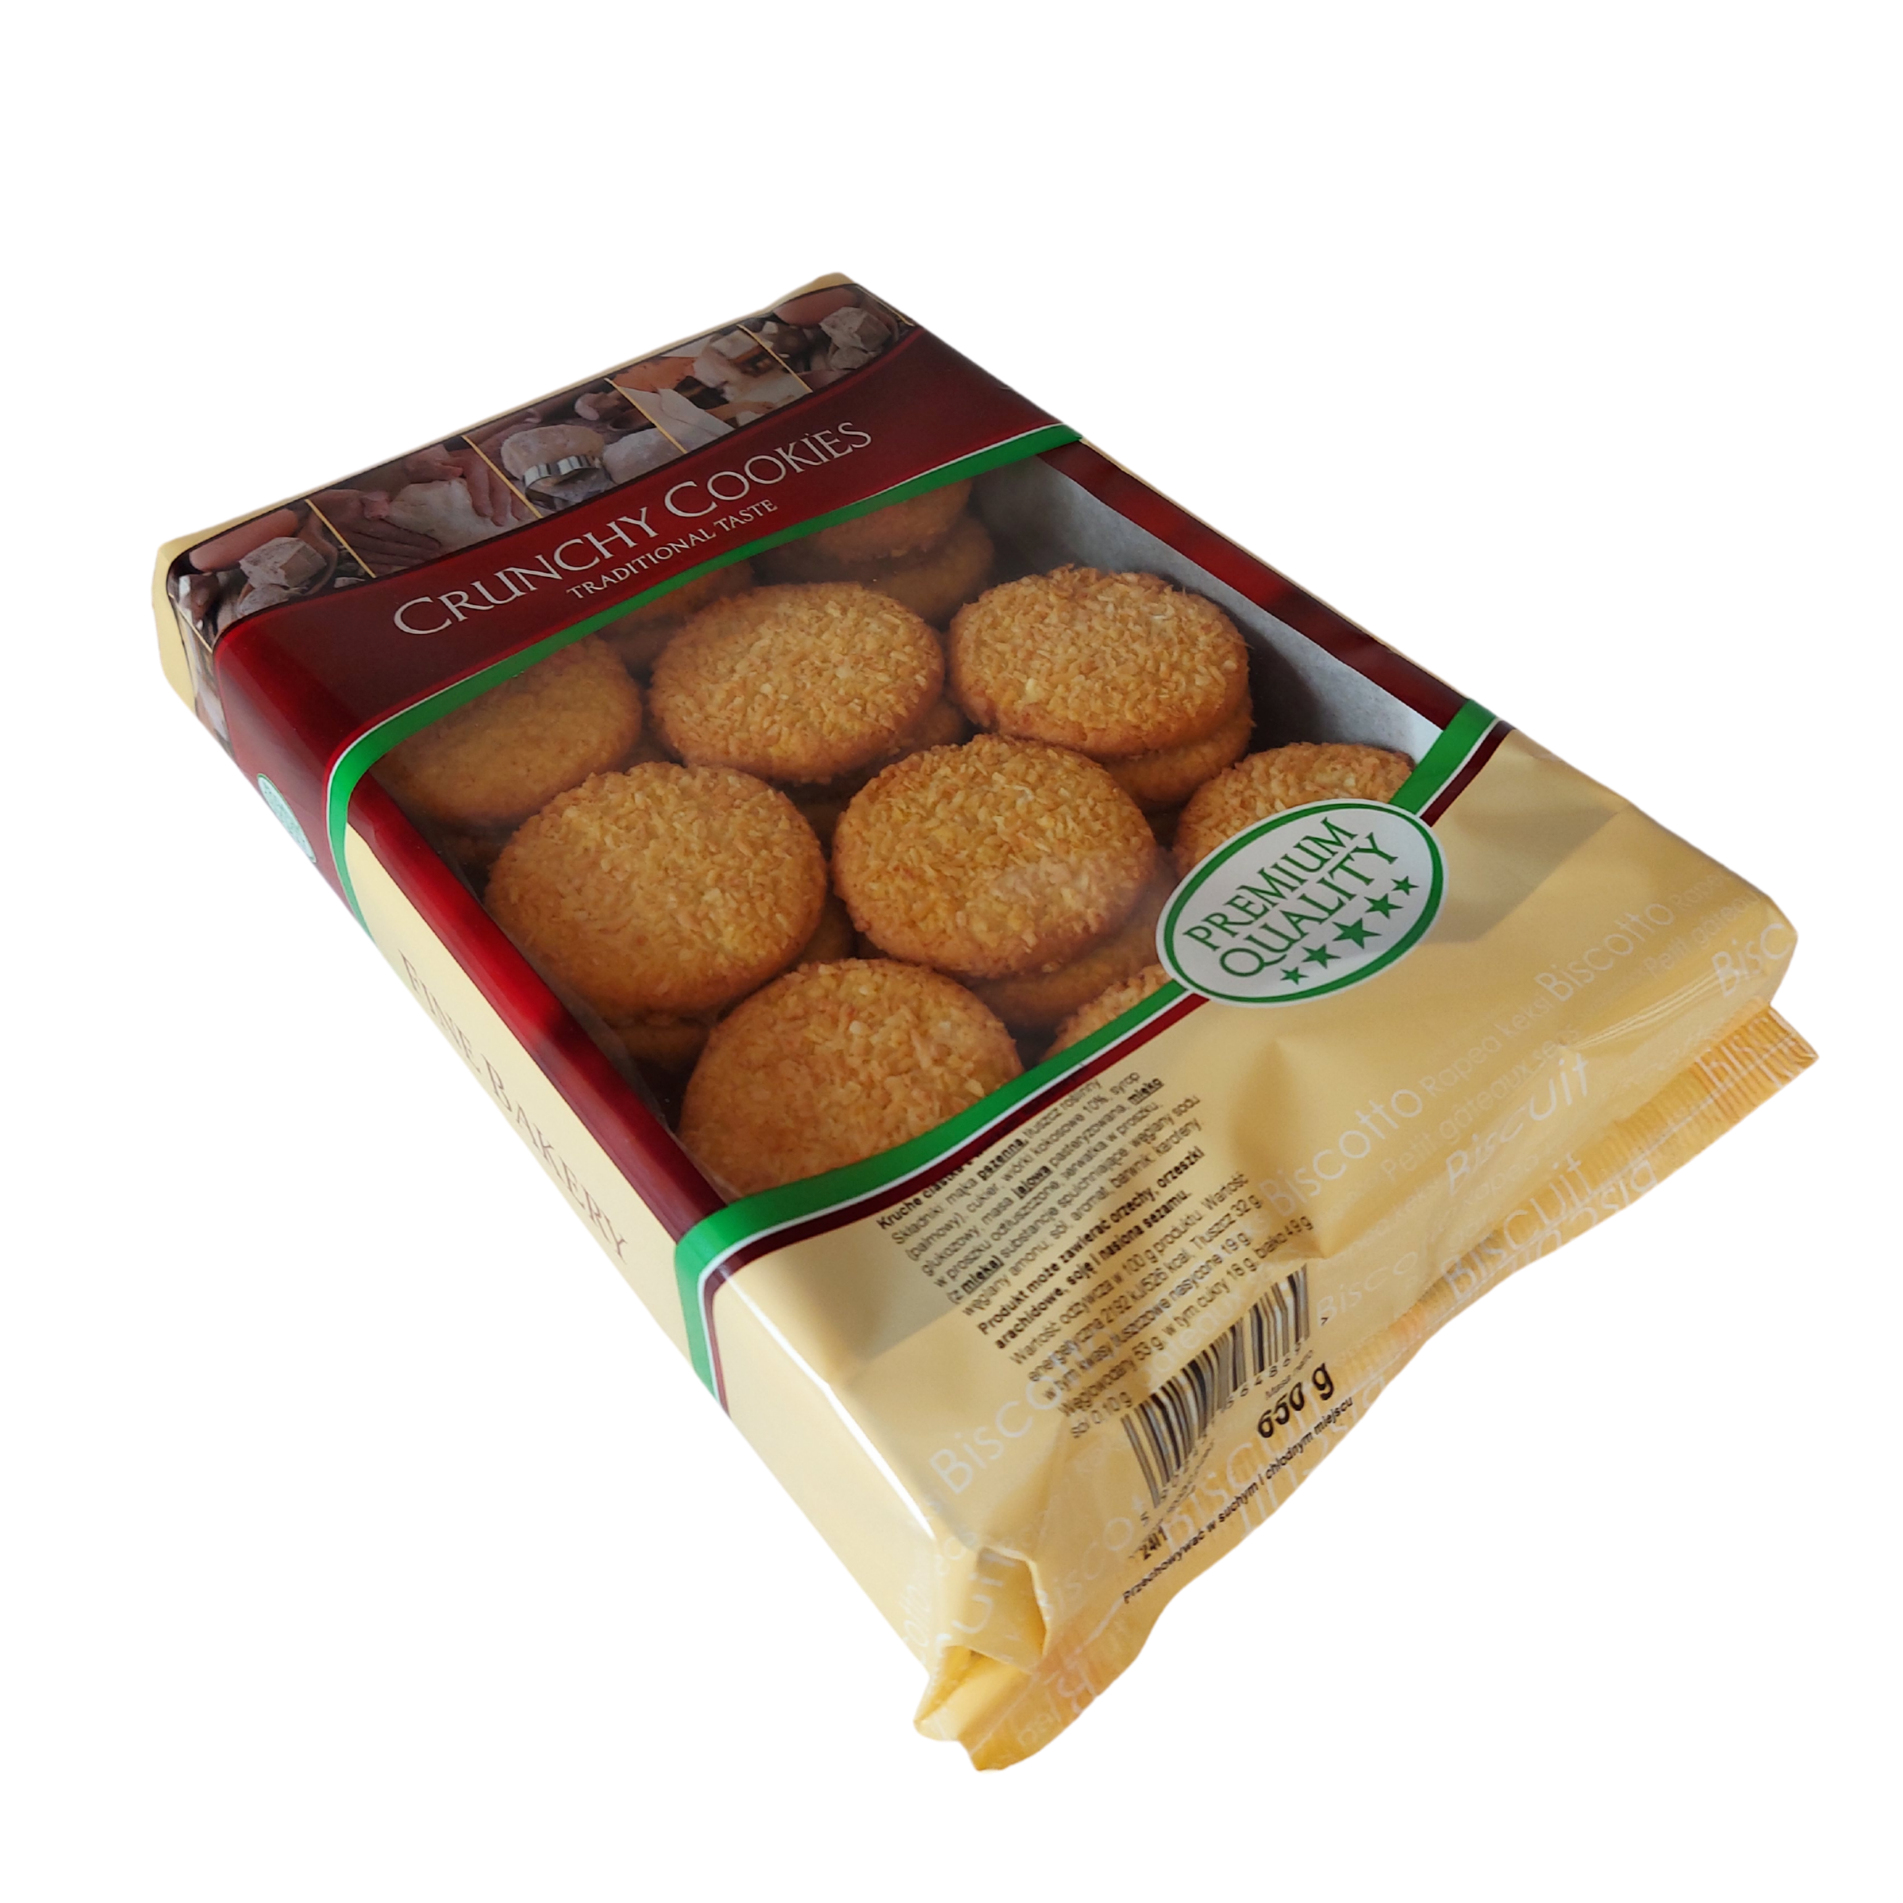 Kruche ciasteczka z wiórkami kokosowymi